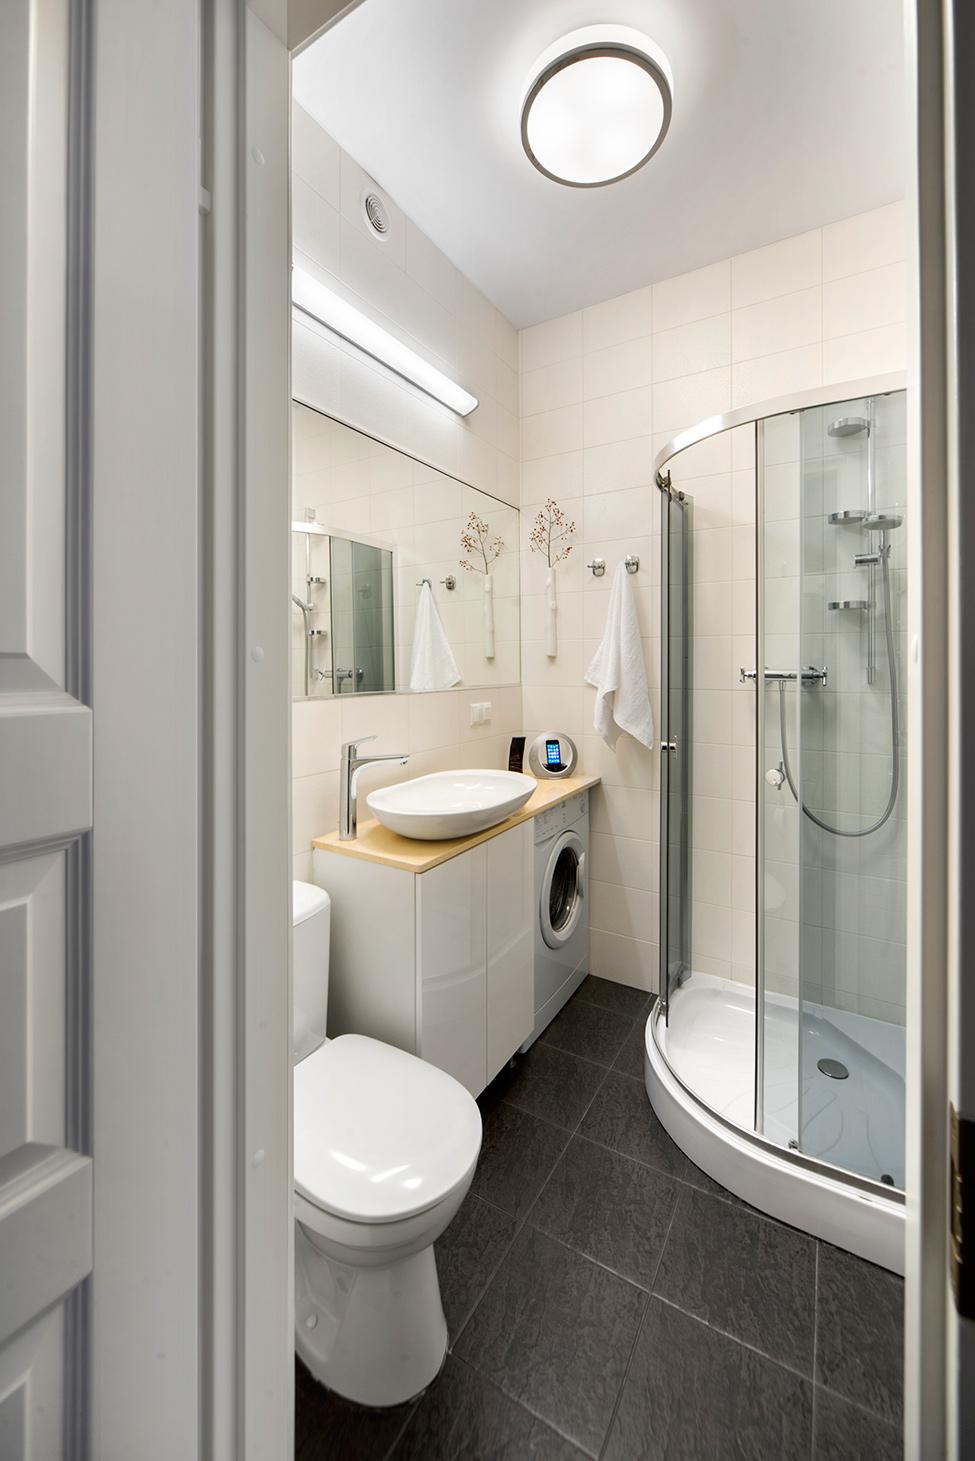 apartament-v-moskva-pokazva-miks-ot-moderen-i-retro-stil-913g